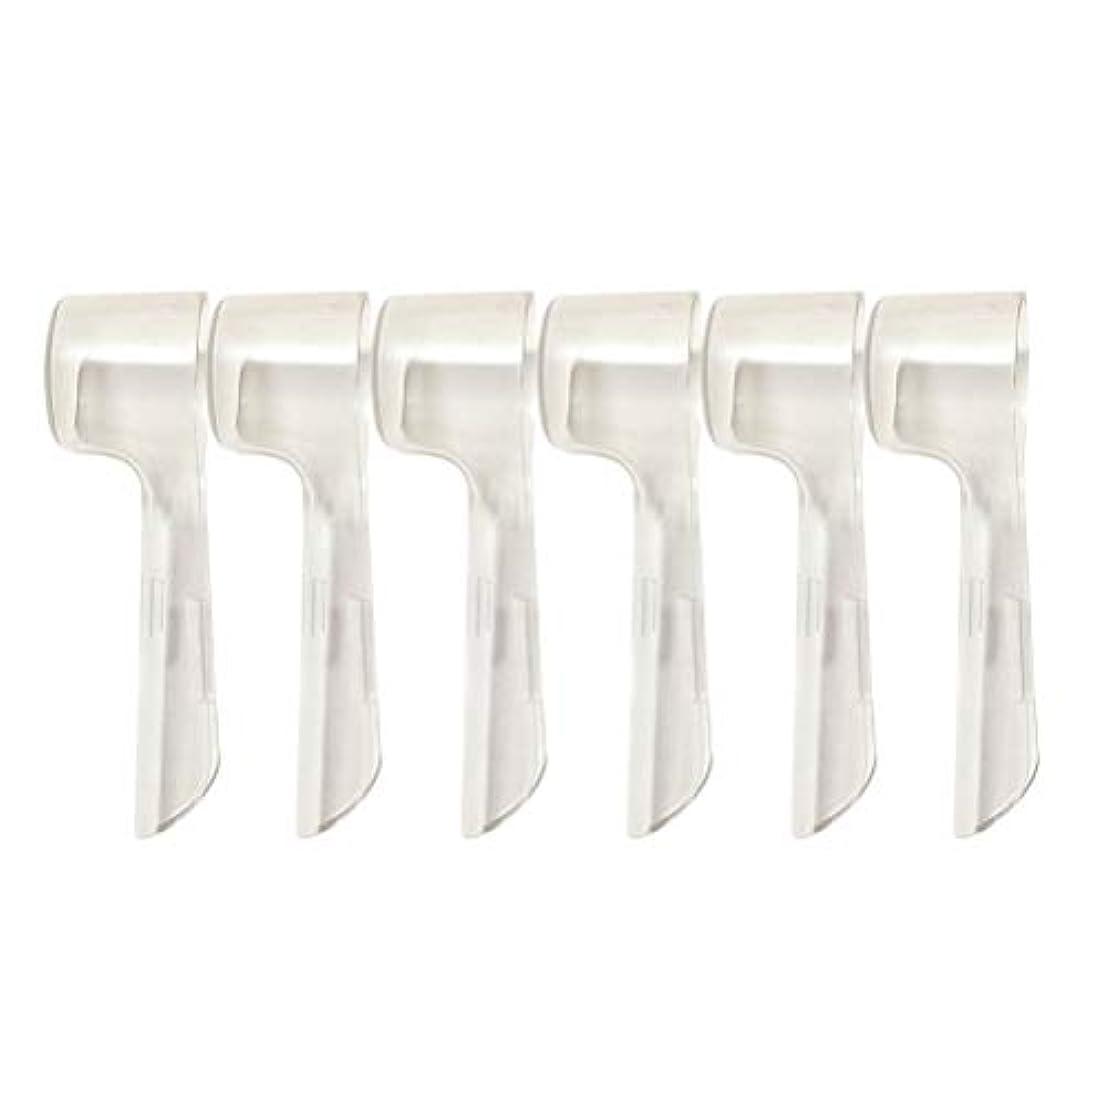 マイコン変装ペフHealifty 電動歯ブラシヘッド 保護カバー 旅行 キャップ 日常の使用で細菌をほこりから守る 10ピース